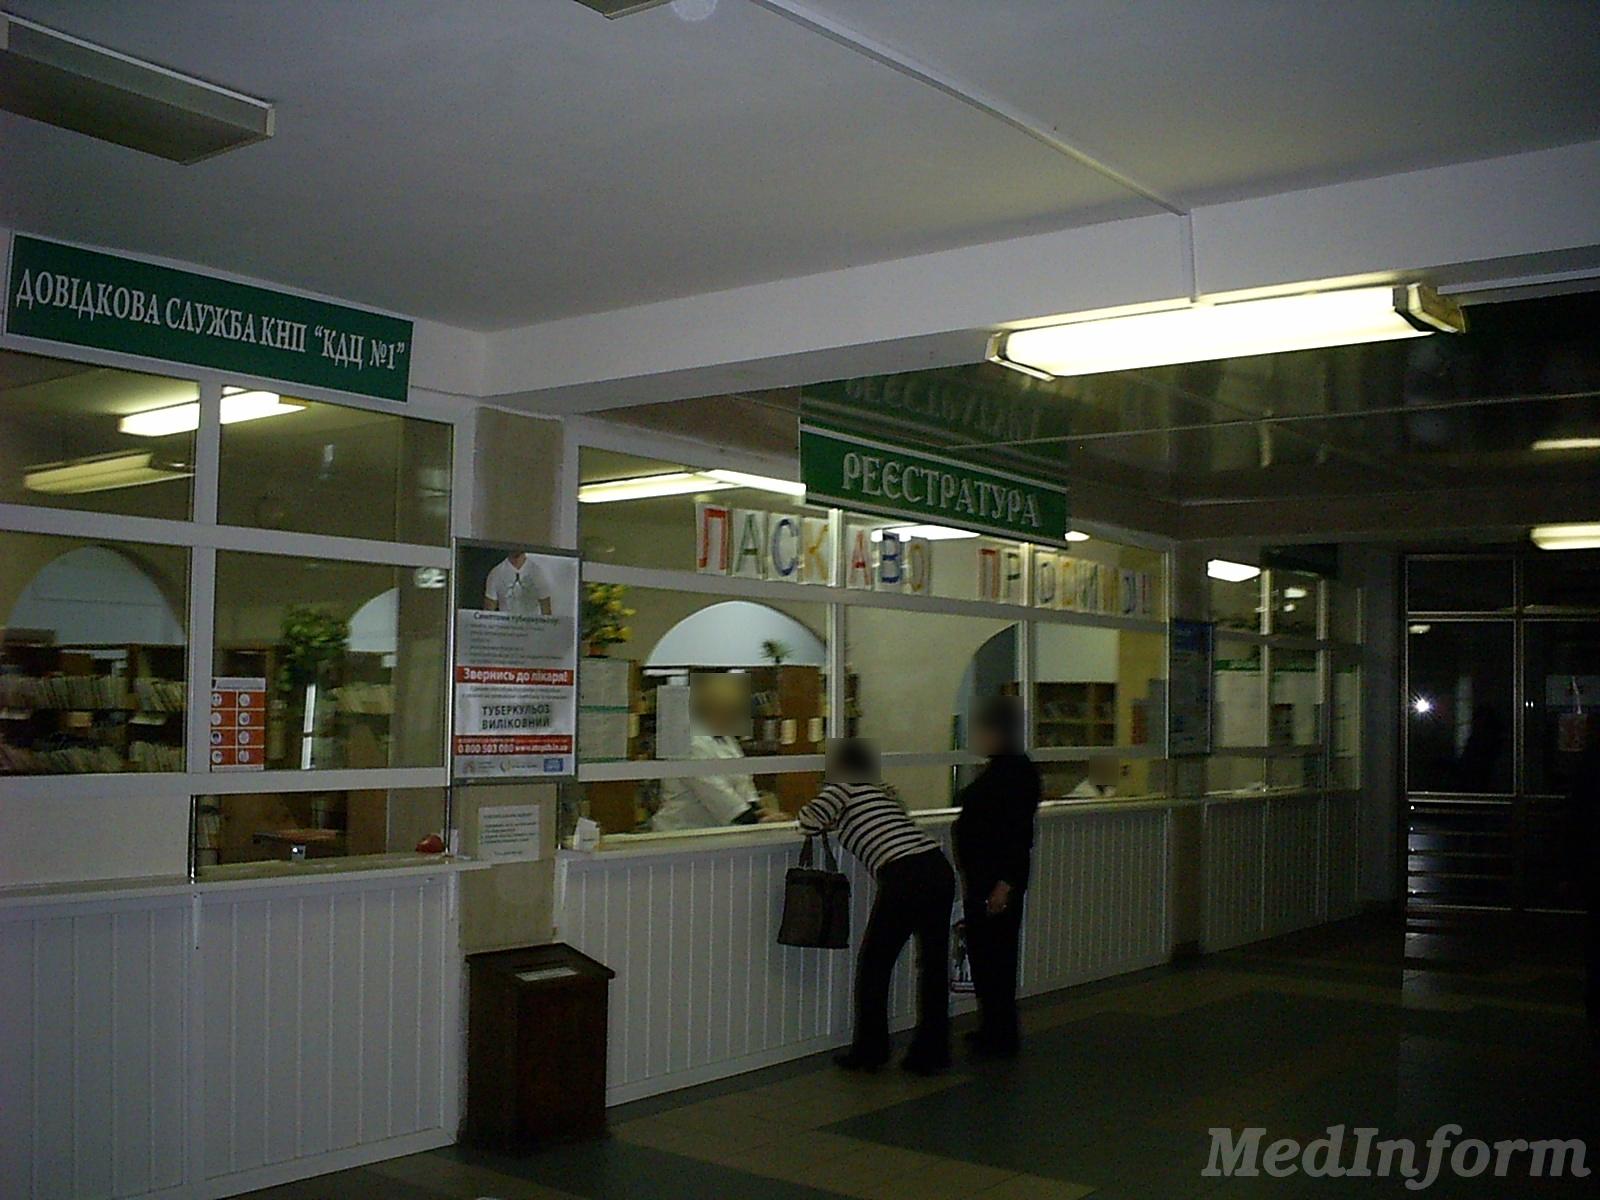 Иволгинский районная больница